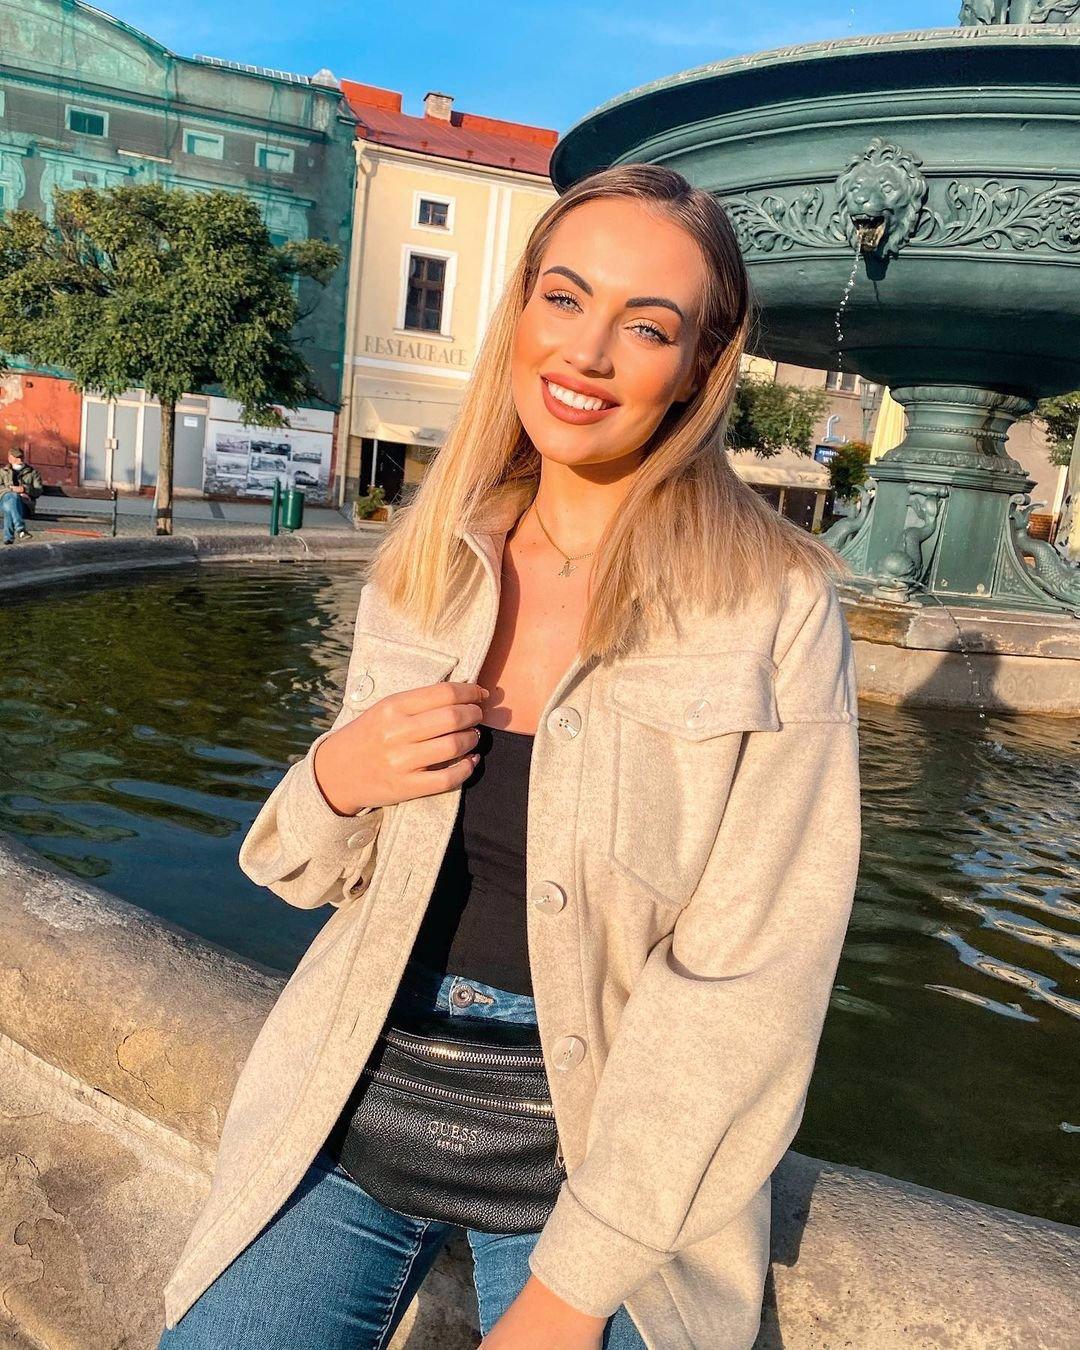 Po potratu má Natálie Kočendová opět úsměv na tváři: Mám milujícího muže a dělám, co mě baví